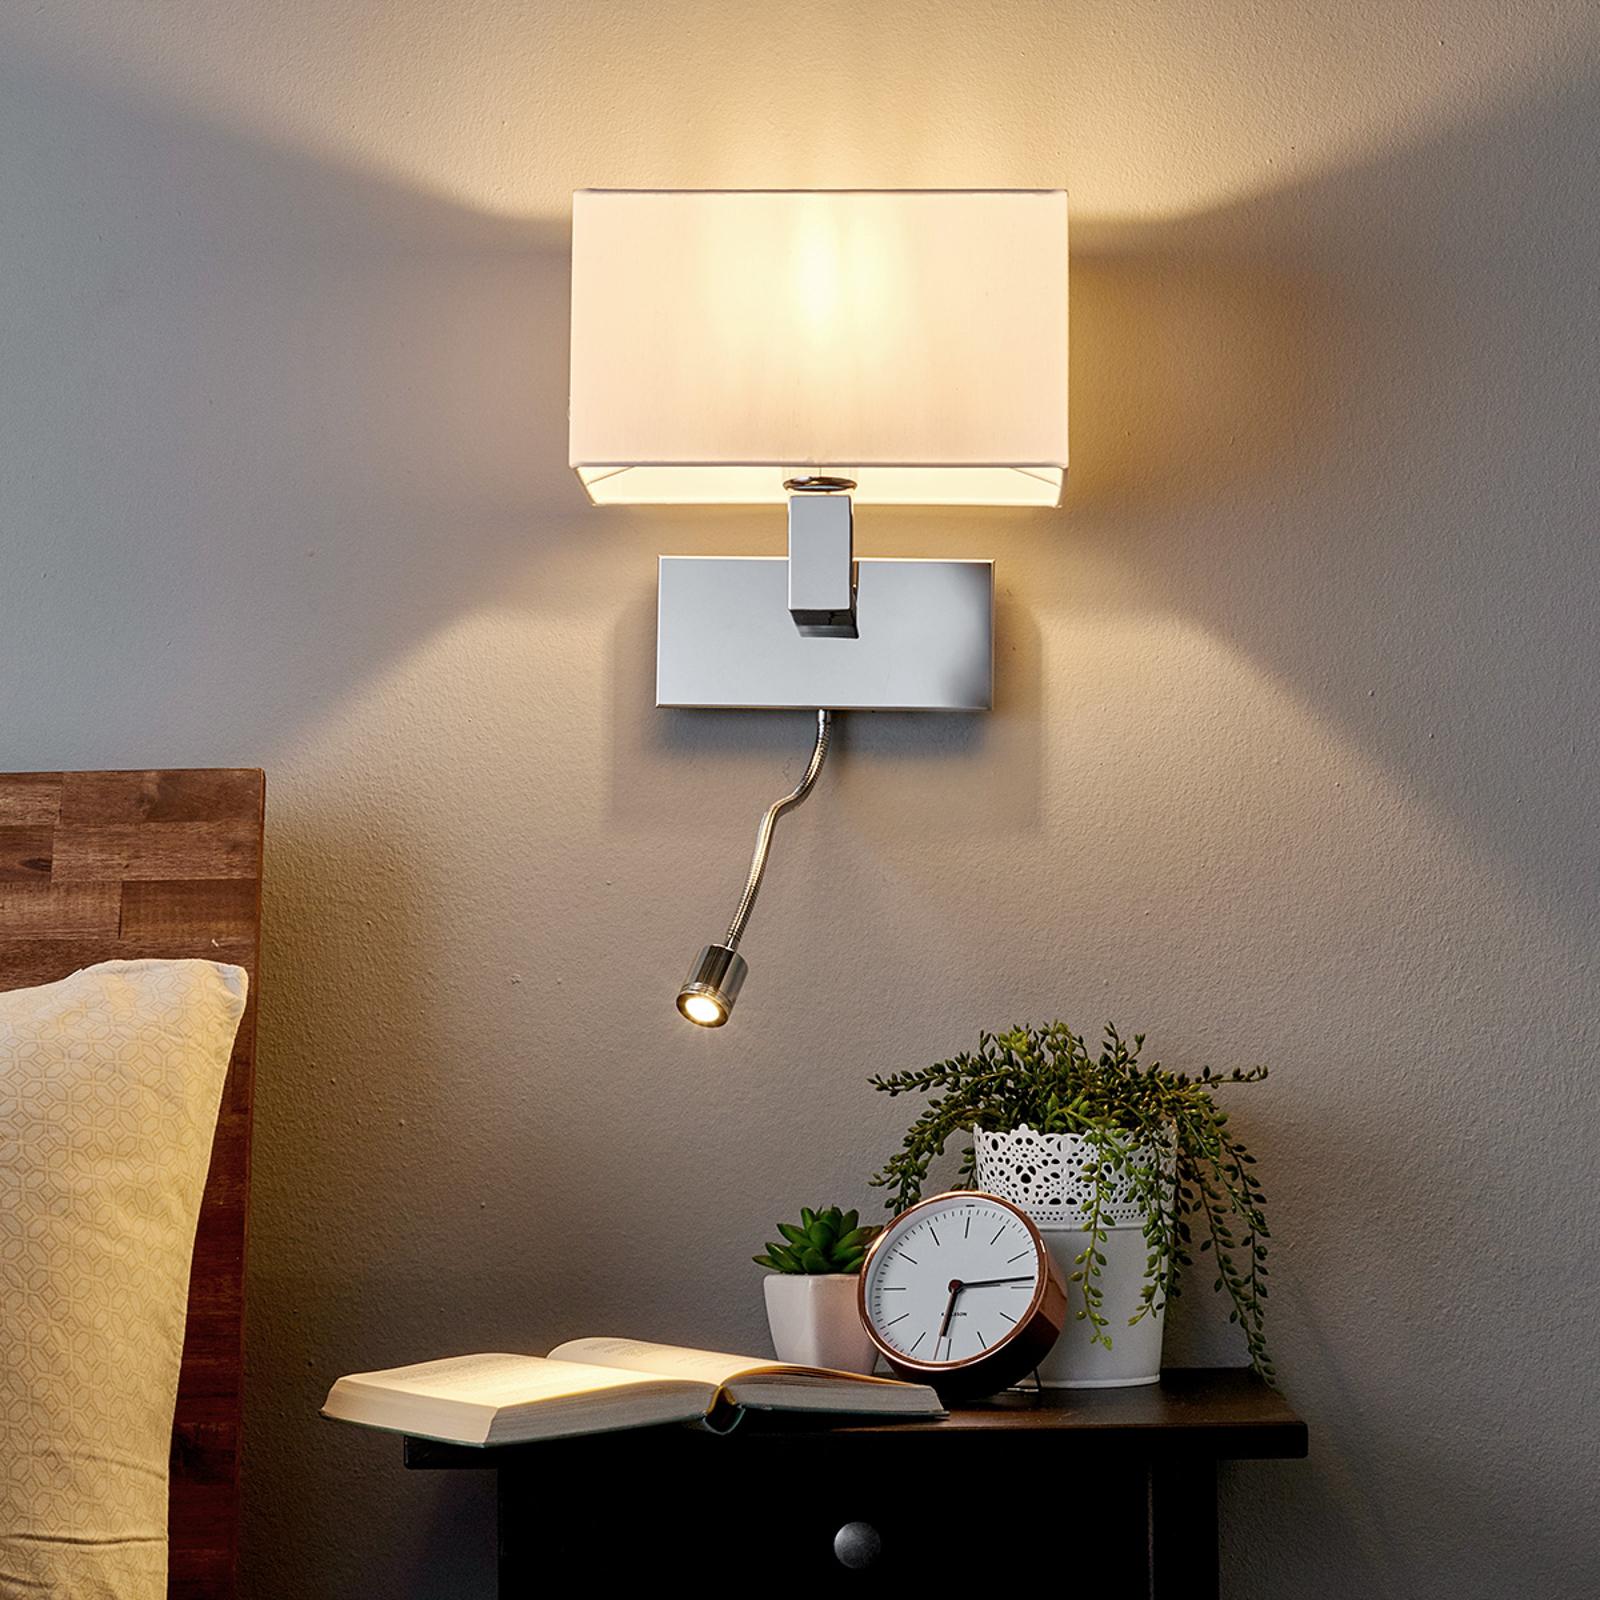 Wandlamp Tamara stoffen scherm + LED flexibele arm